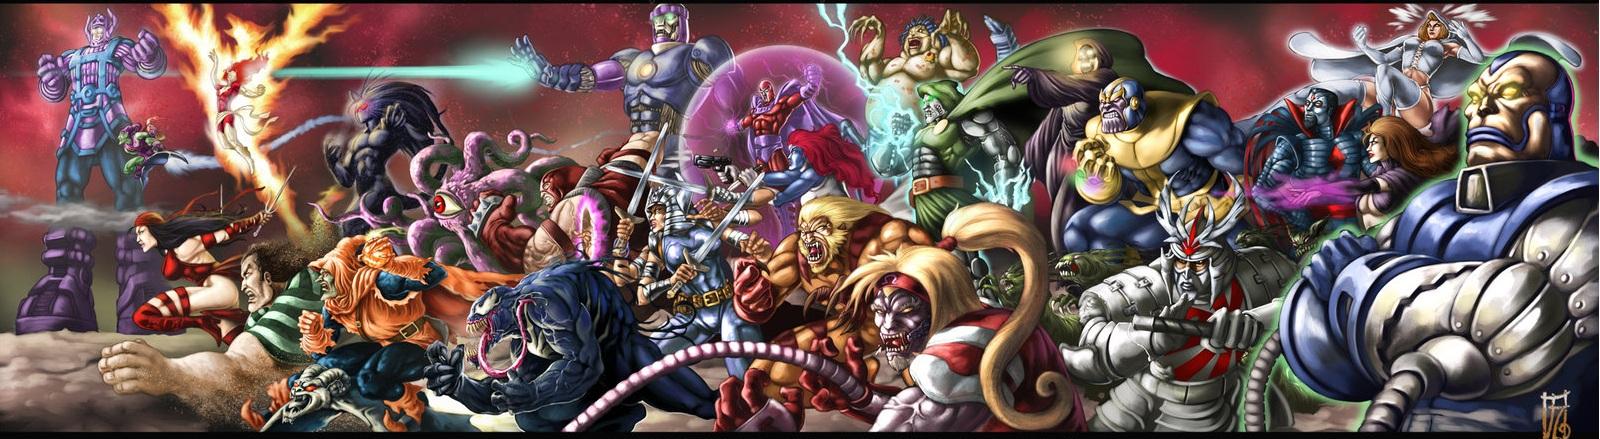 Super villains by earache j d4b5ul7